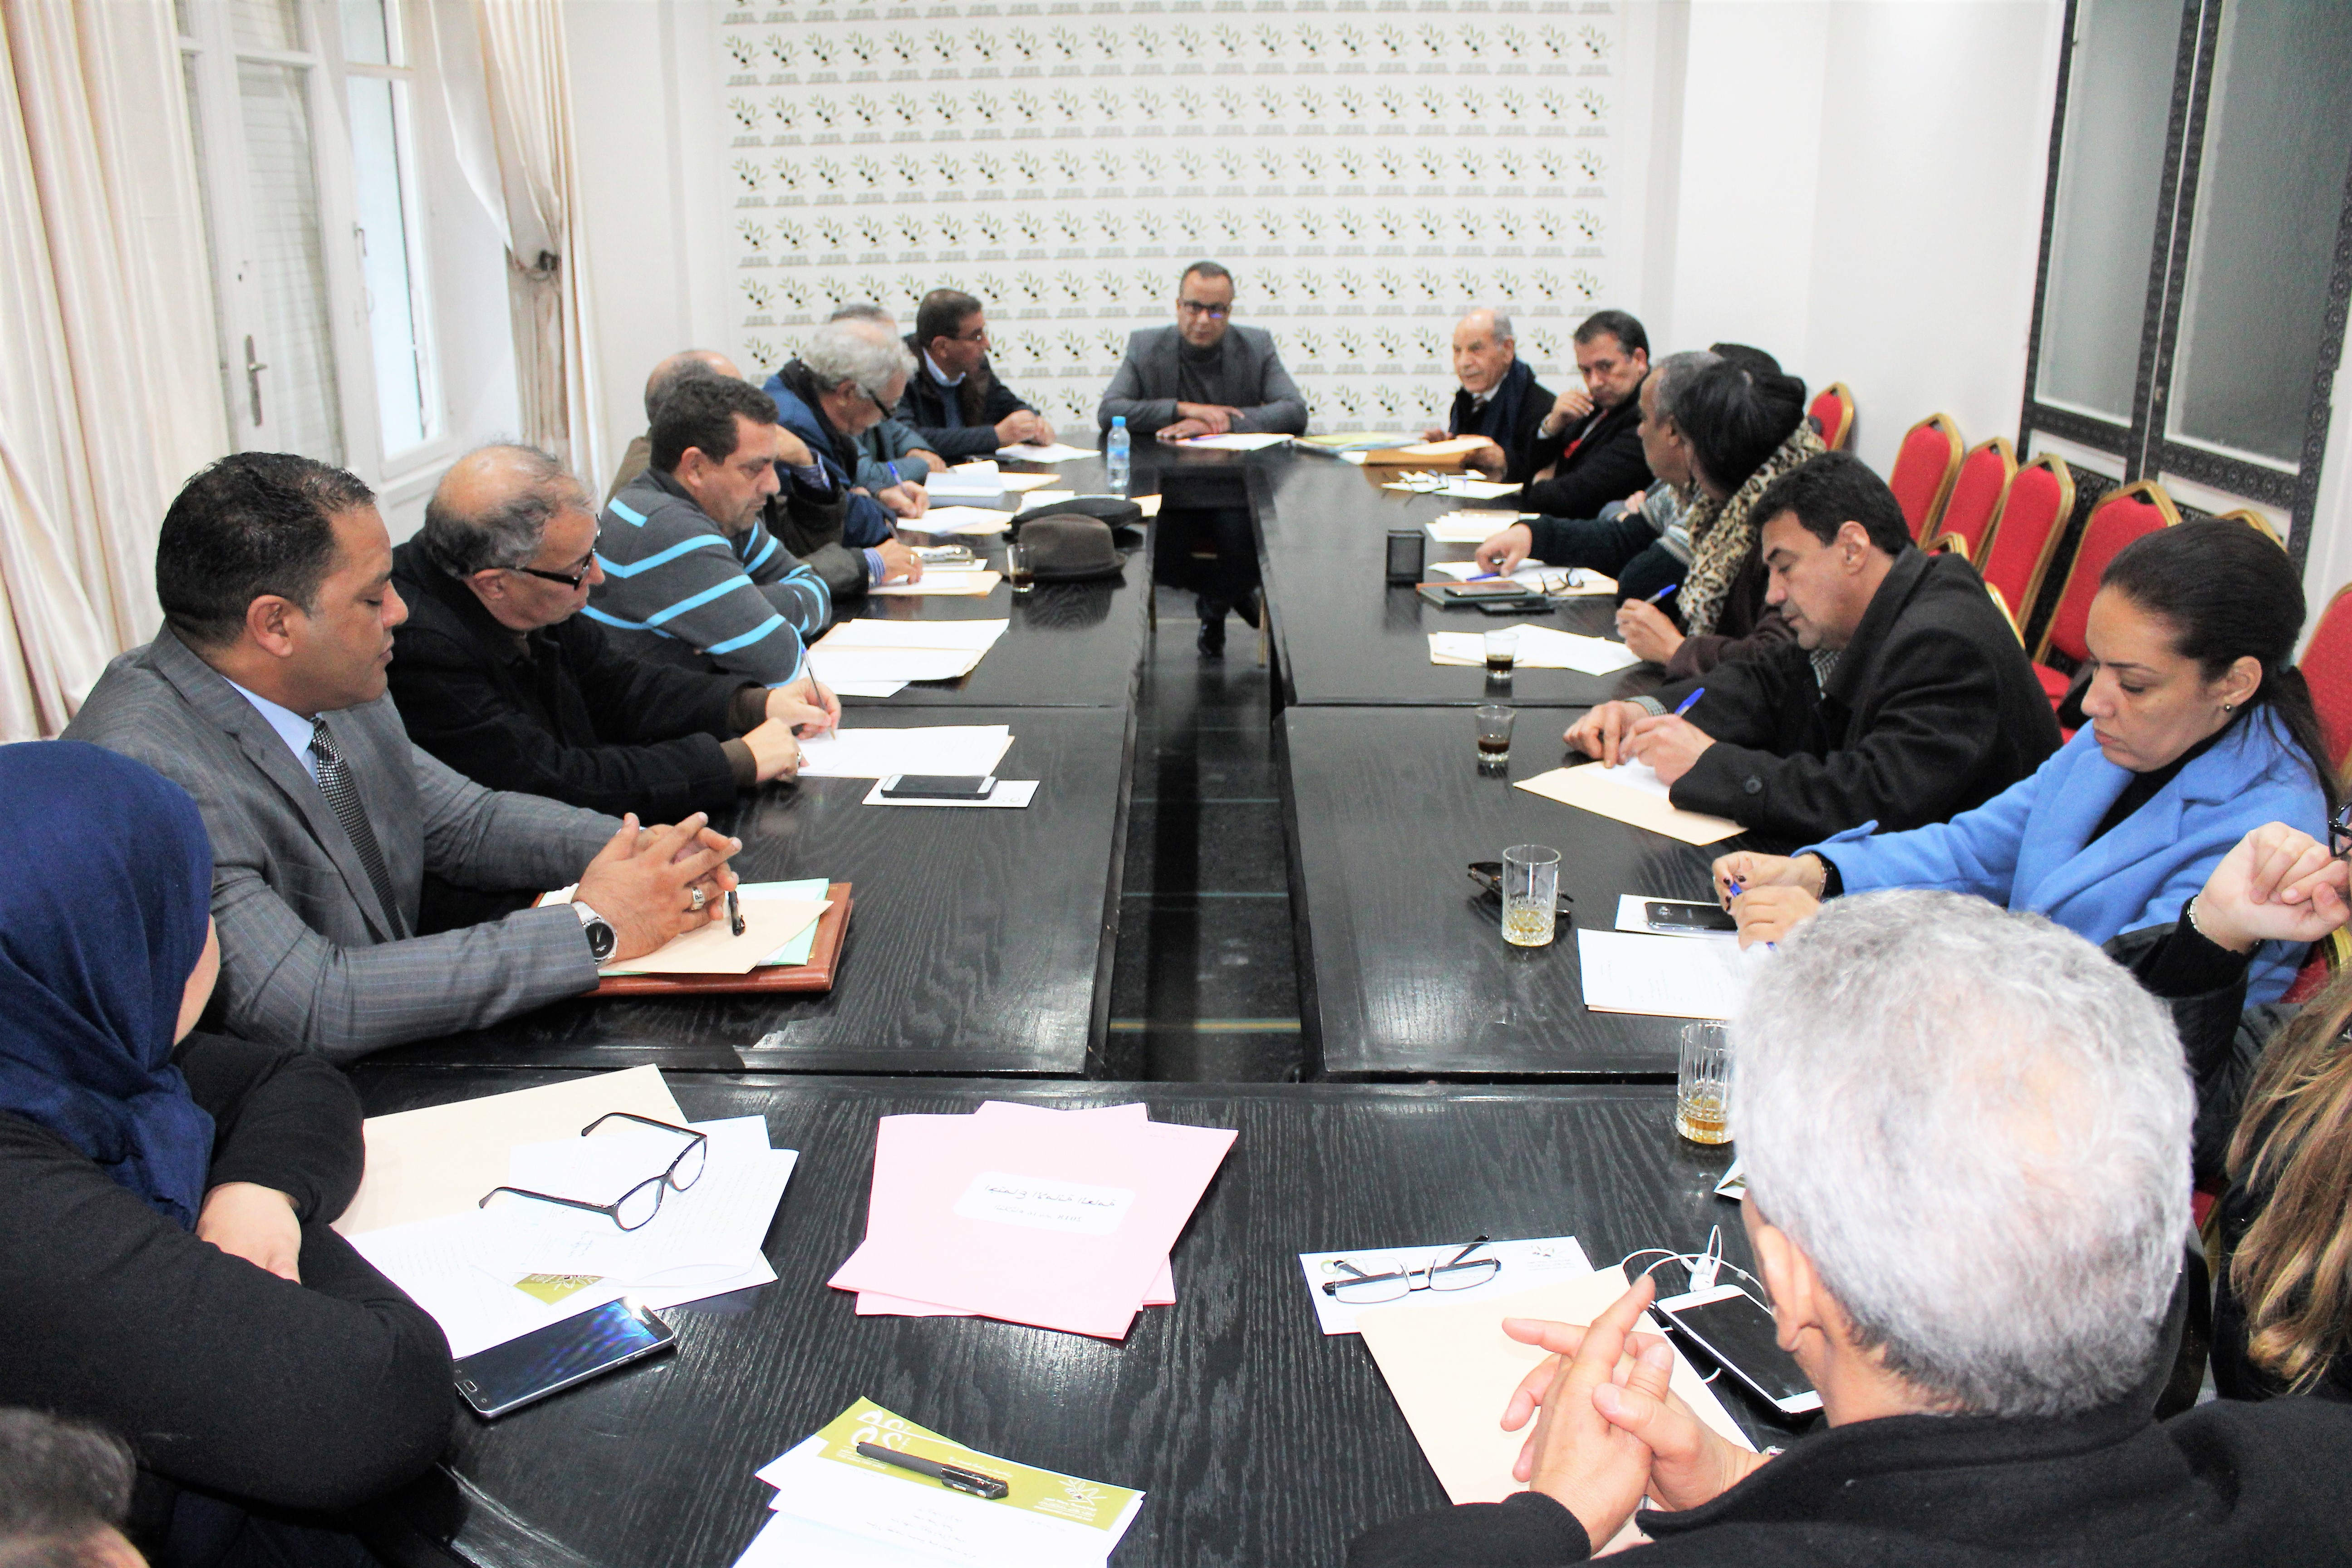 جبهة القوى الديمقراطية، تلامس مطالب ساكنة جرادة، عبر زيارة استطلاعية ميدانية.